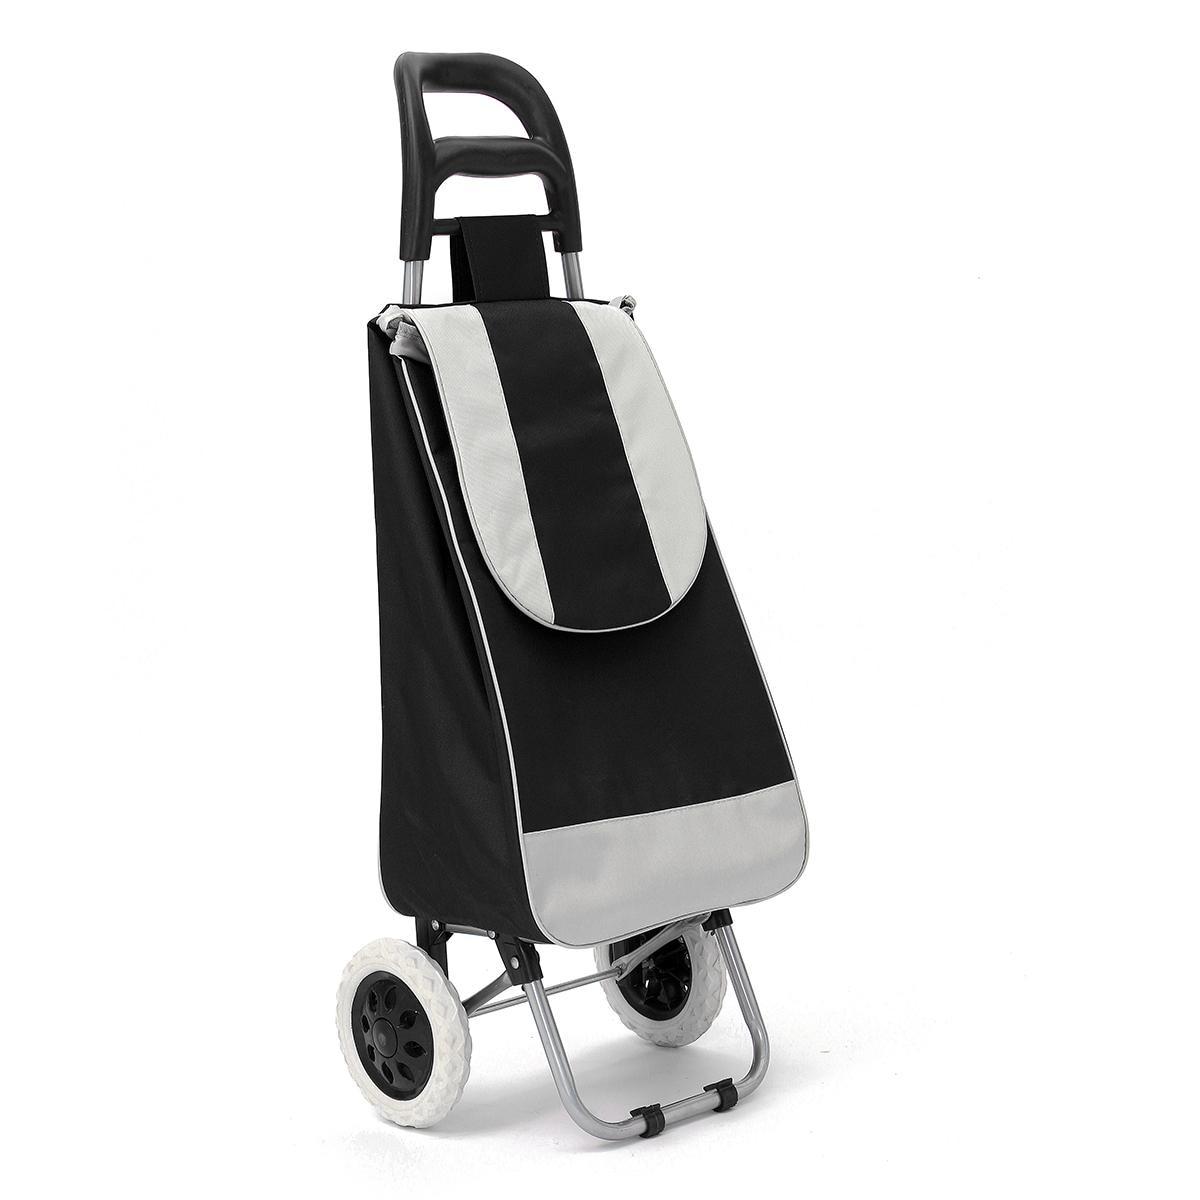 45L Складная хозяйственная сумка-тележка на колесиках, сумка для тележки на колесиках, корзина для багажа, колеса, ткань Оксфорд, Floding - Цвет: Черный